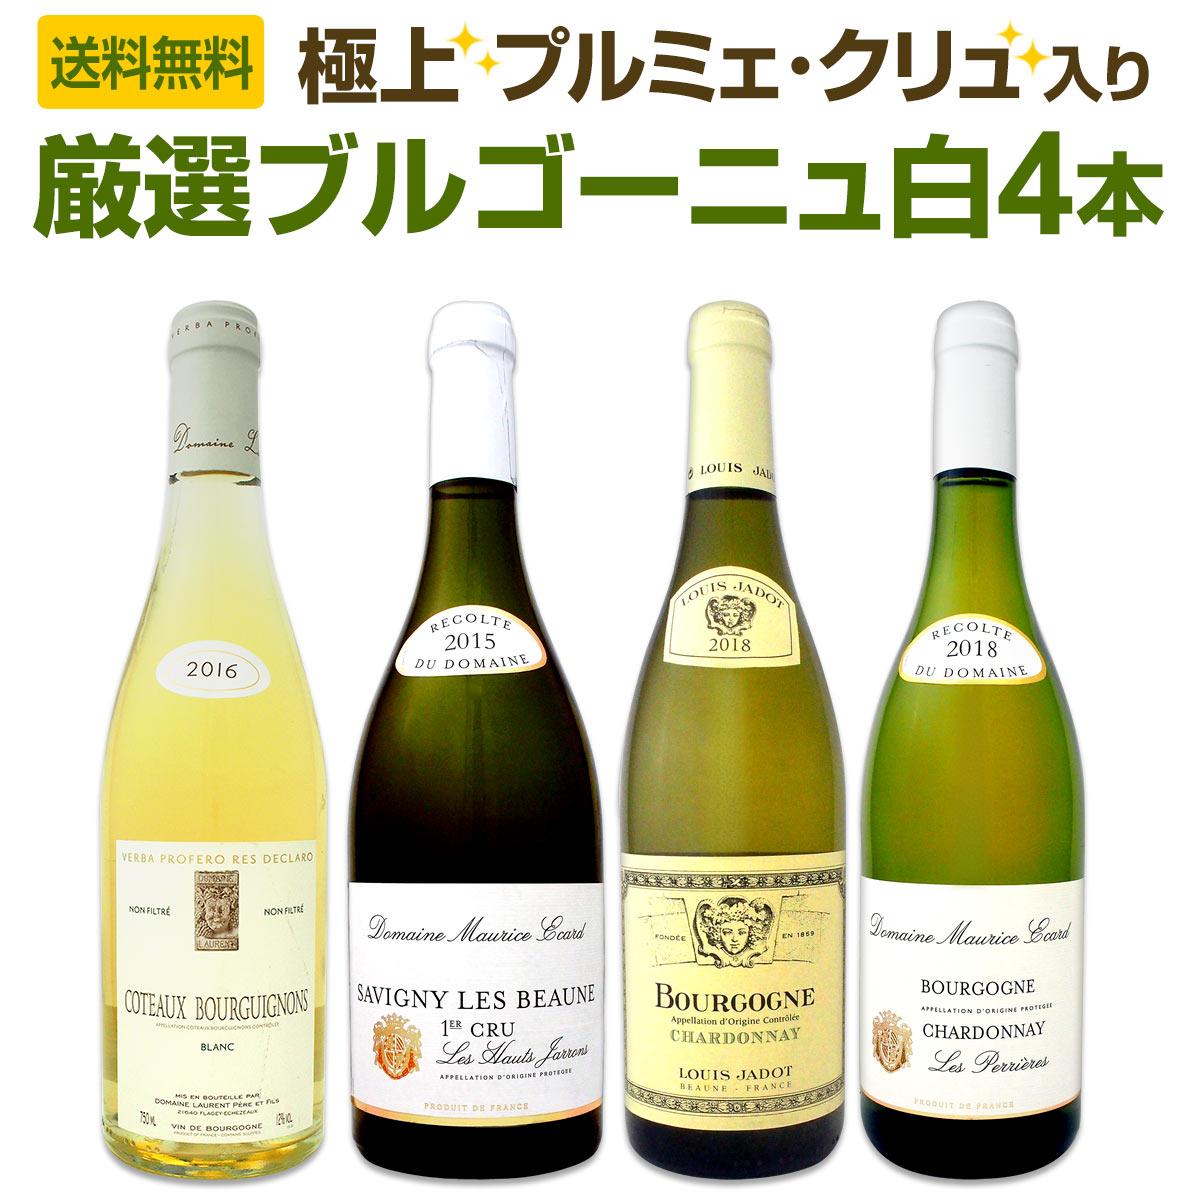 【送料無料】極上プルミェ・クリュ入り★厳選ブルゴーニュ白ワイン4本セット